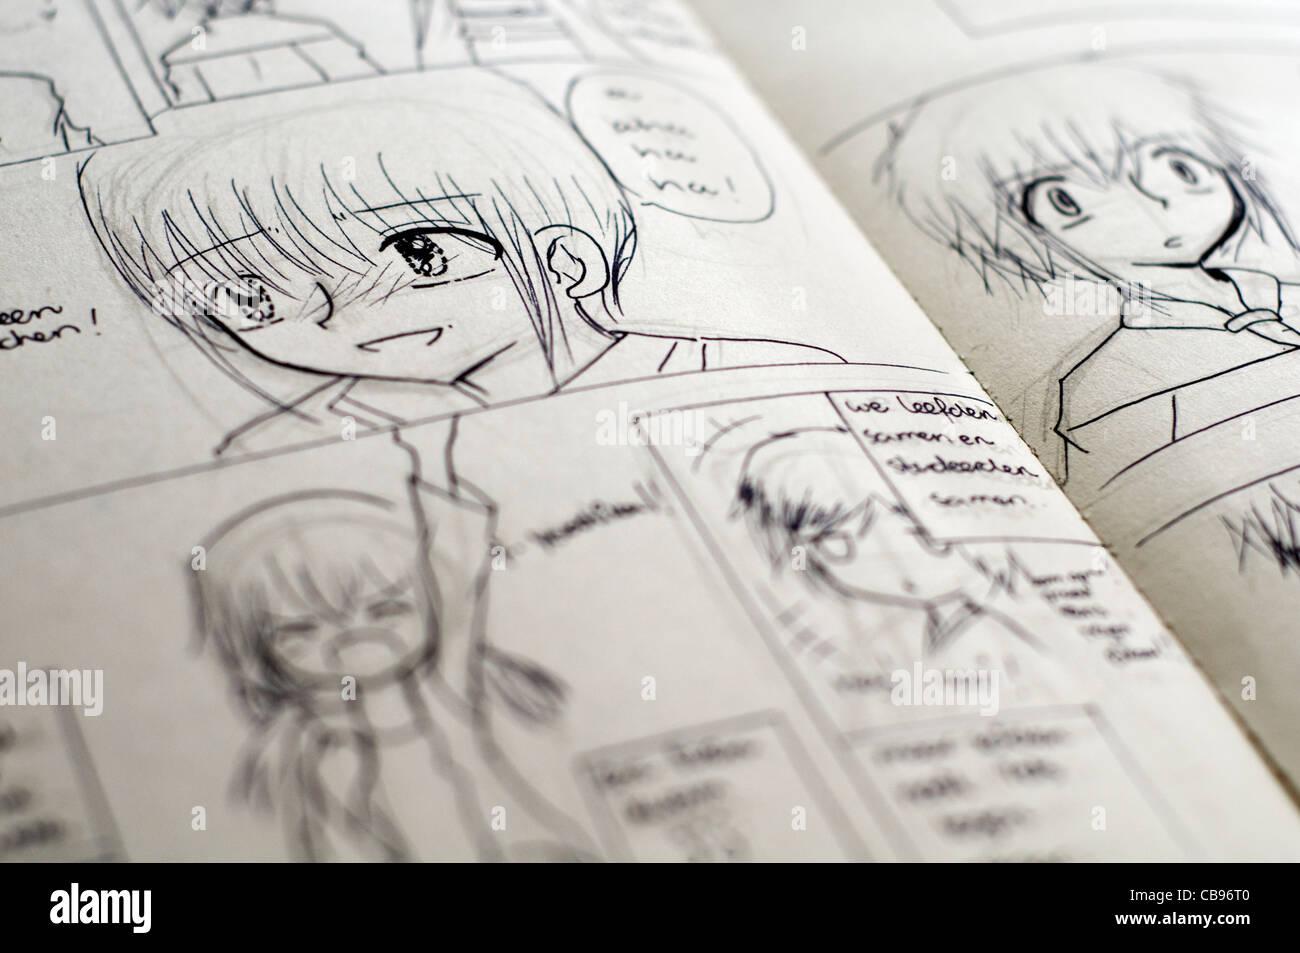 Détail De Noir Et Blanc De Style Japonais Manga Dessins Dans